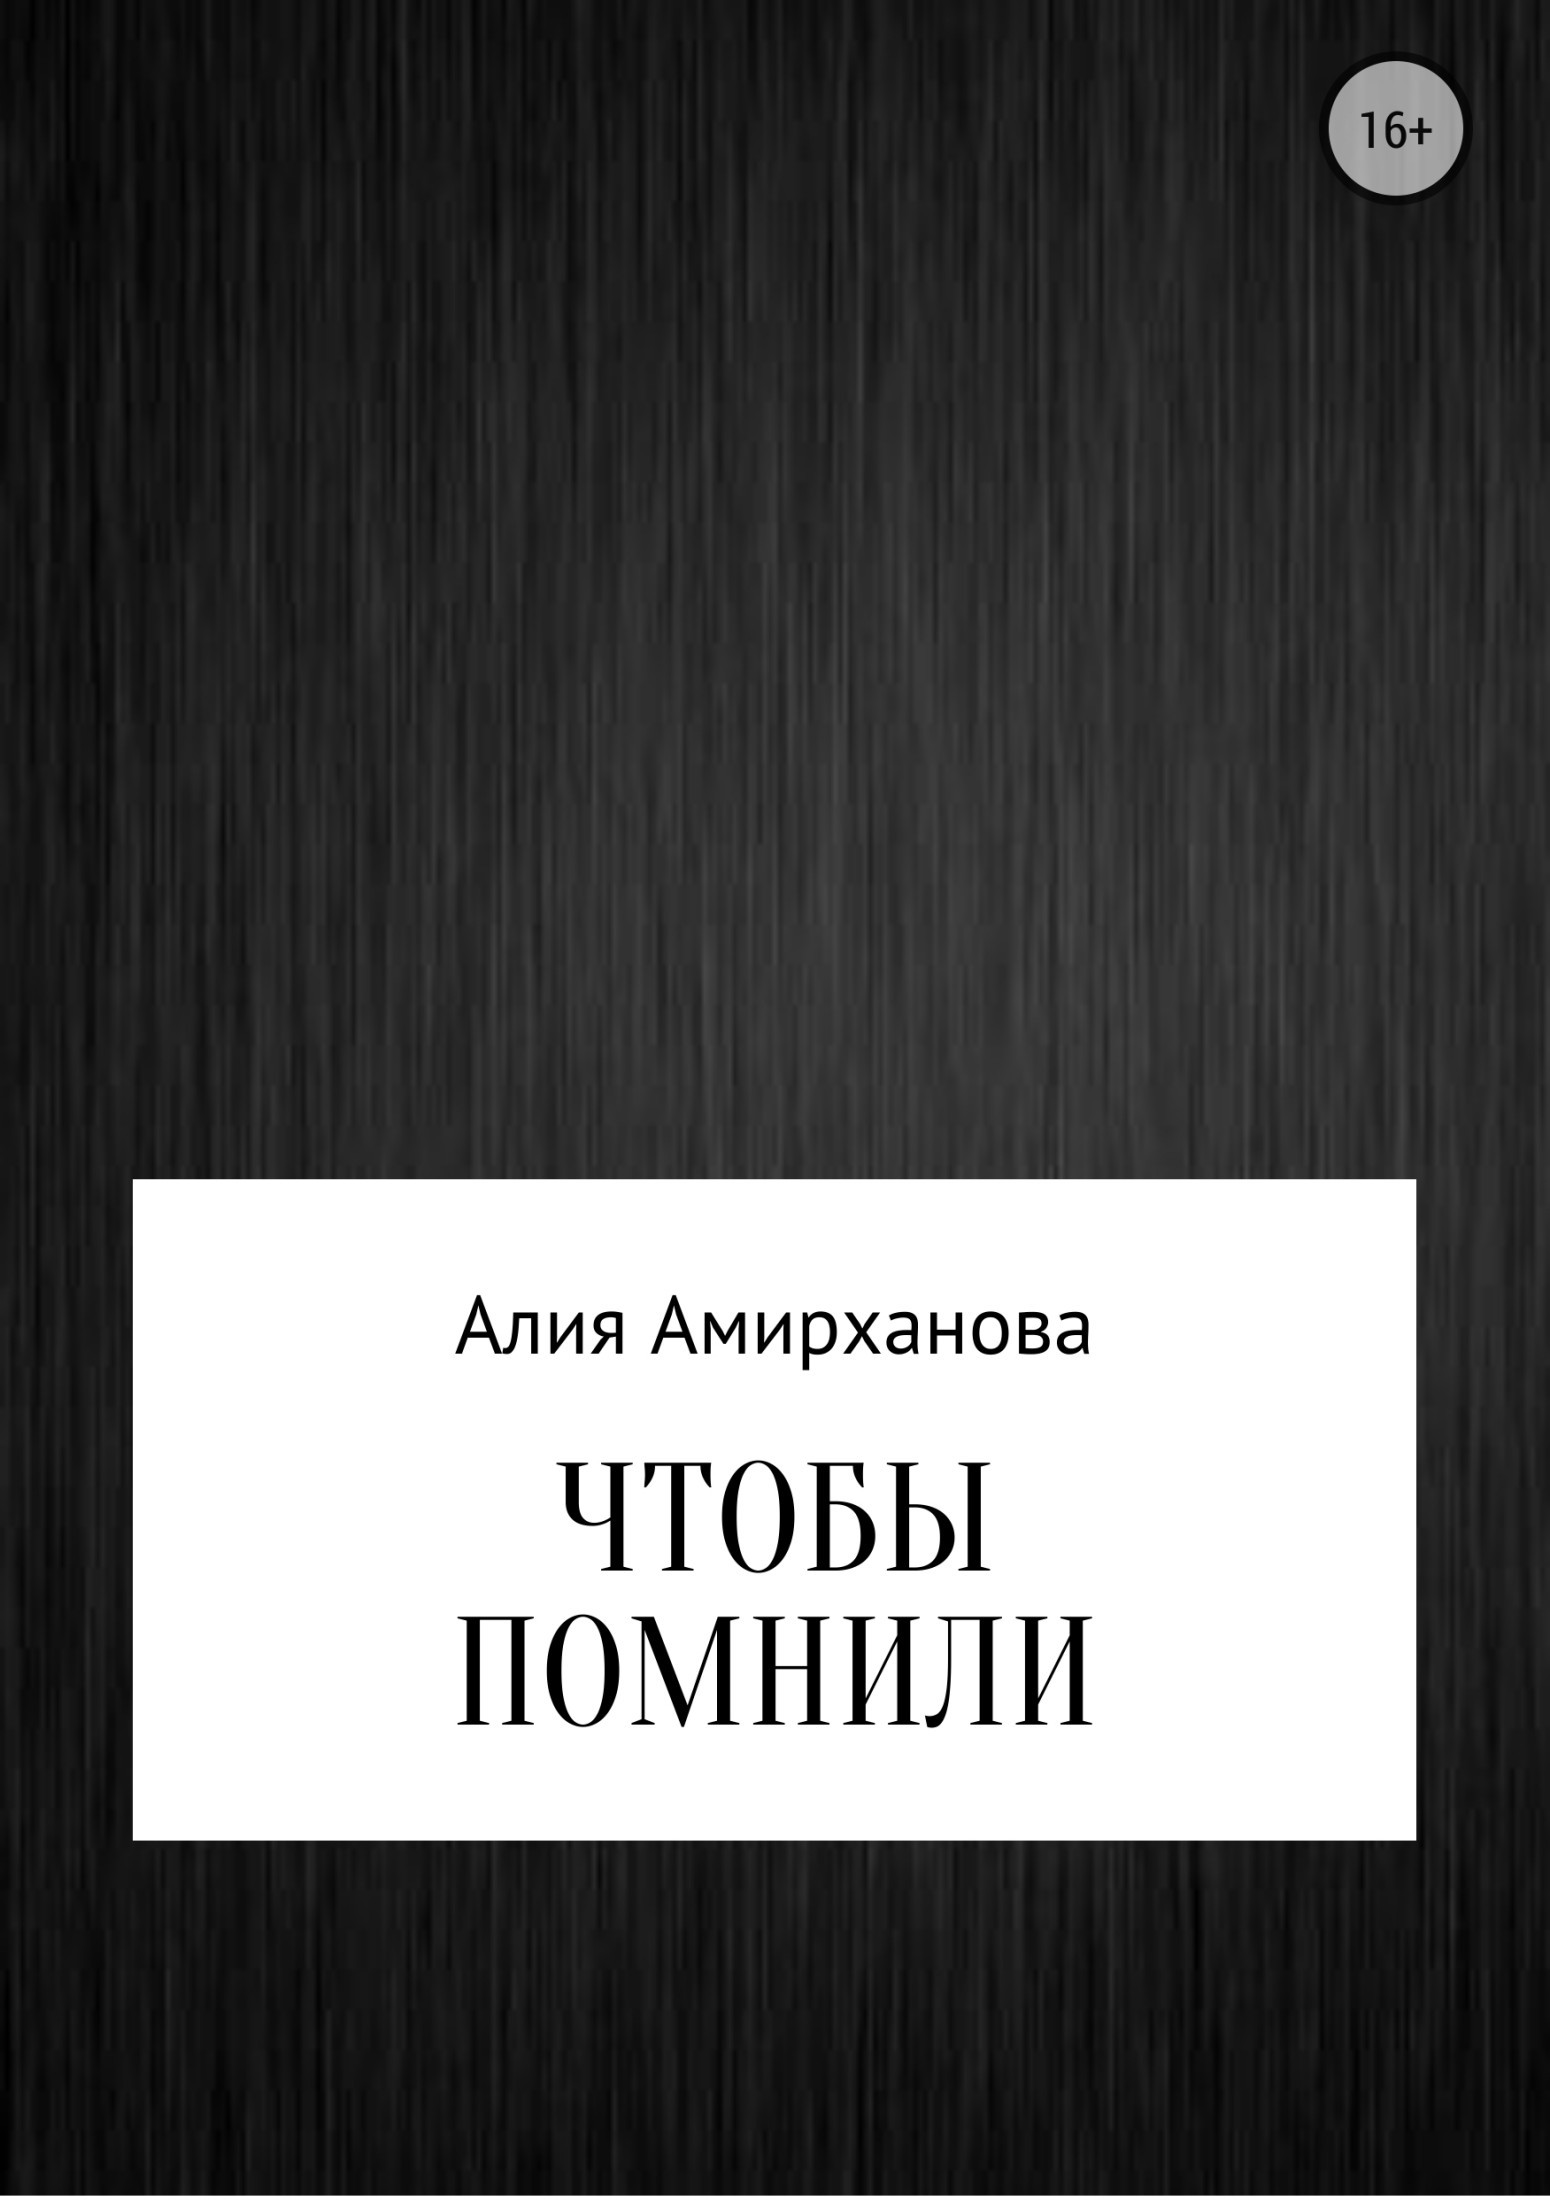 Алия Амирханова бесплатно